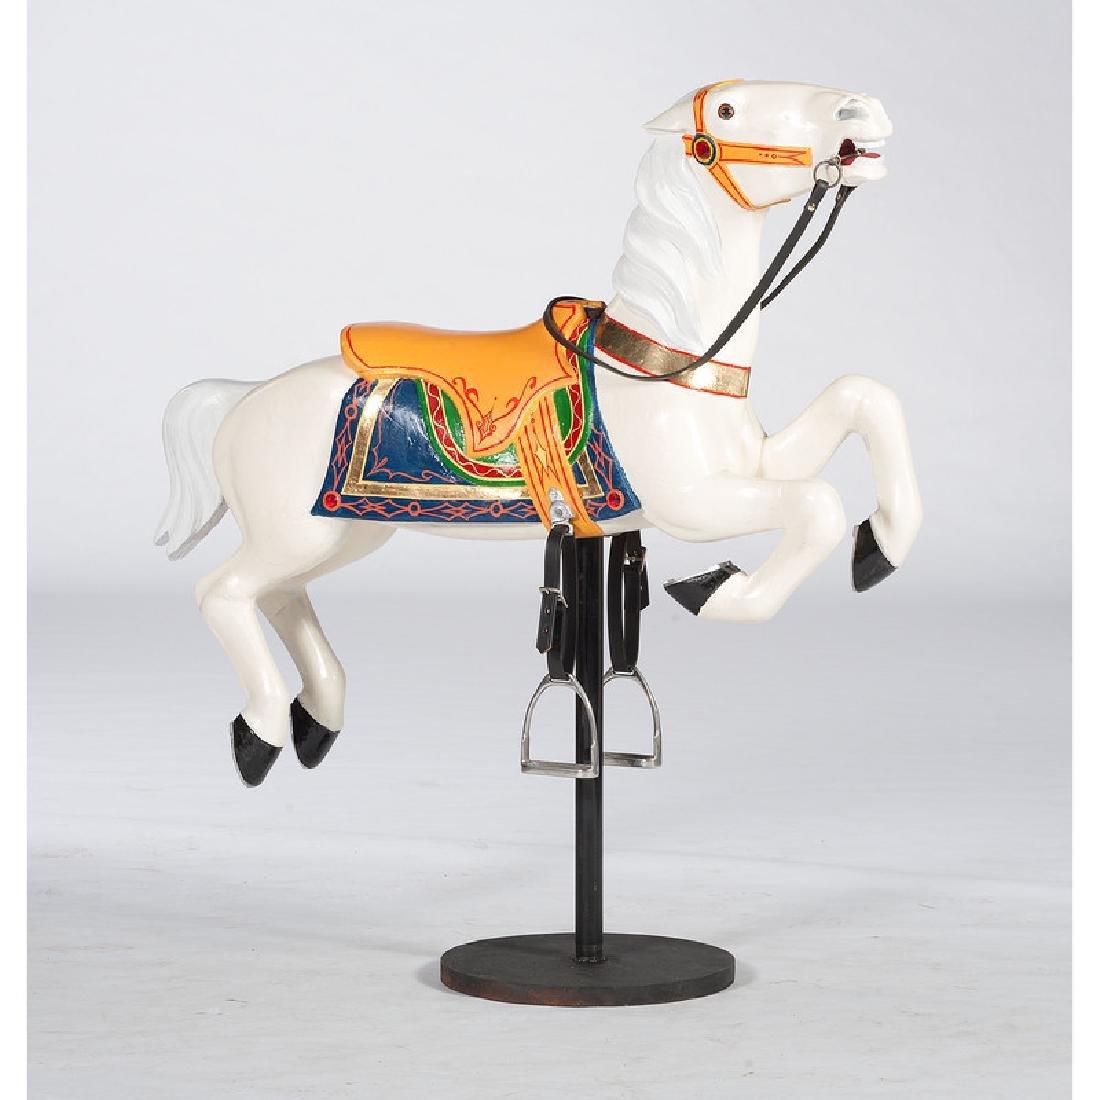 Herschell-Spillman Leaper Carousel Horse